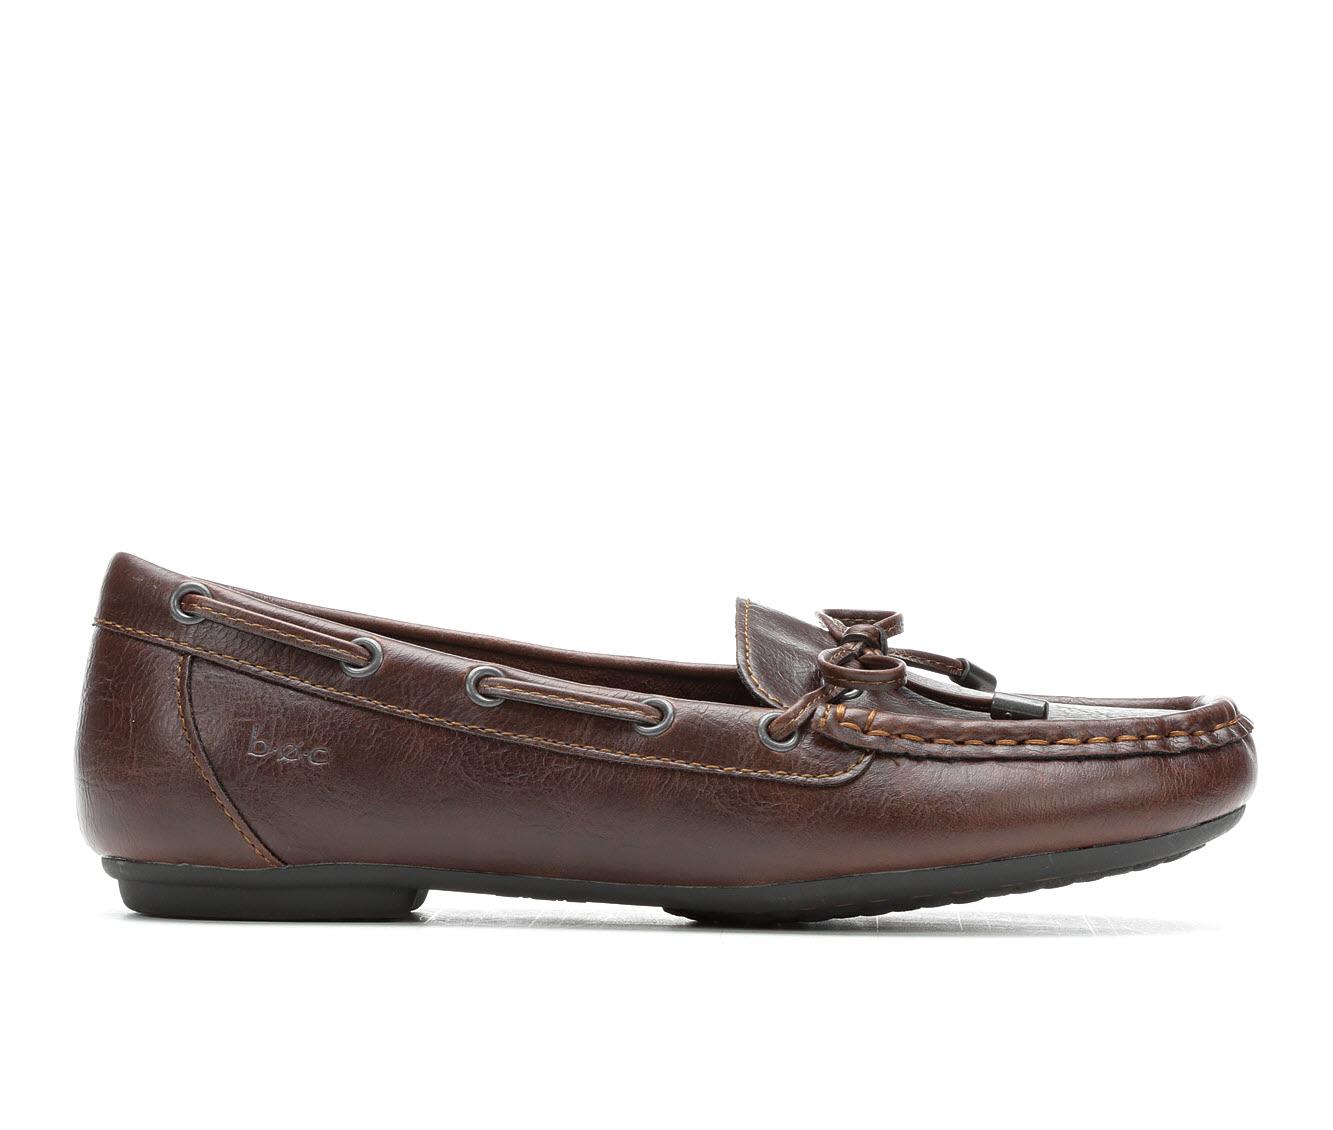 B.O.C. Carolann Women's Shoe (Brown Faux Leather)